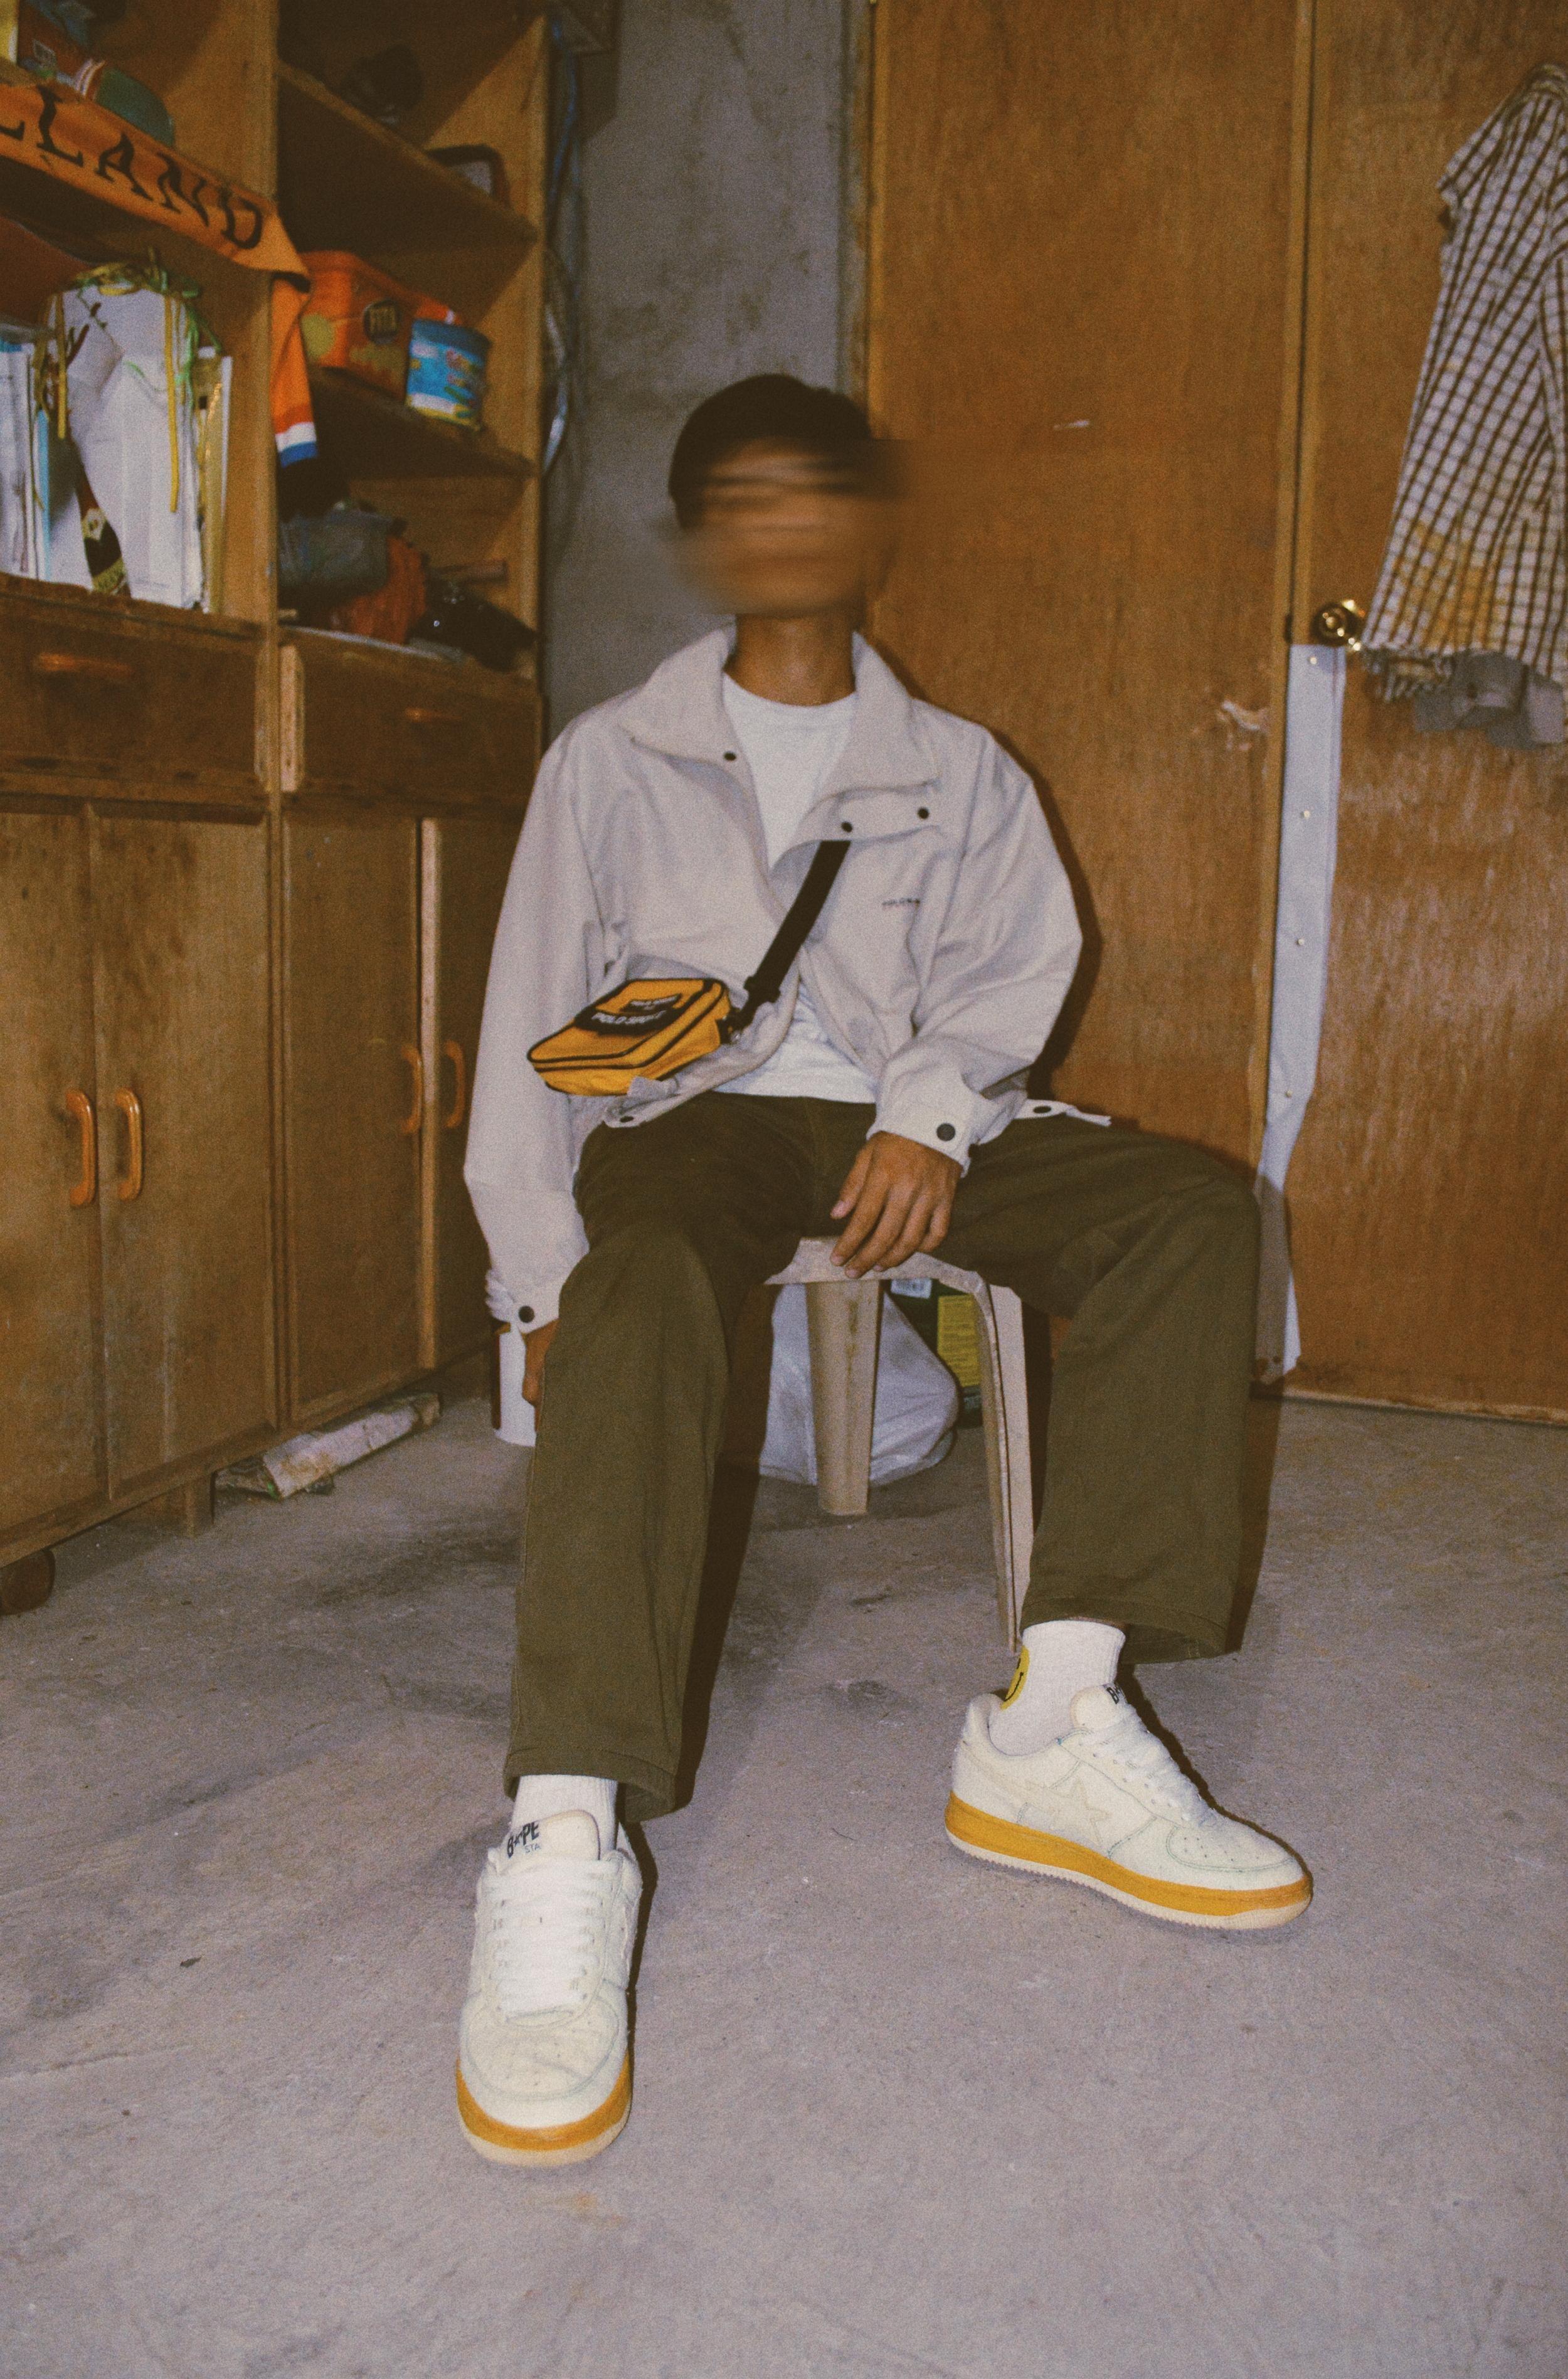 [WDYWT] workwear